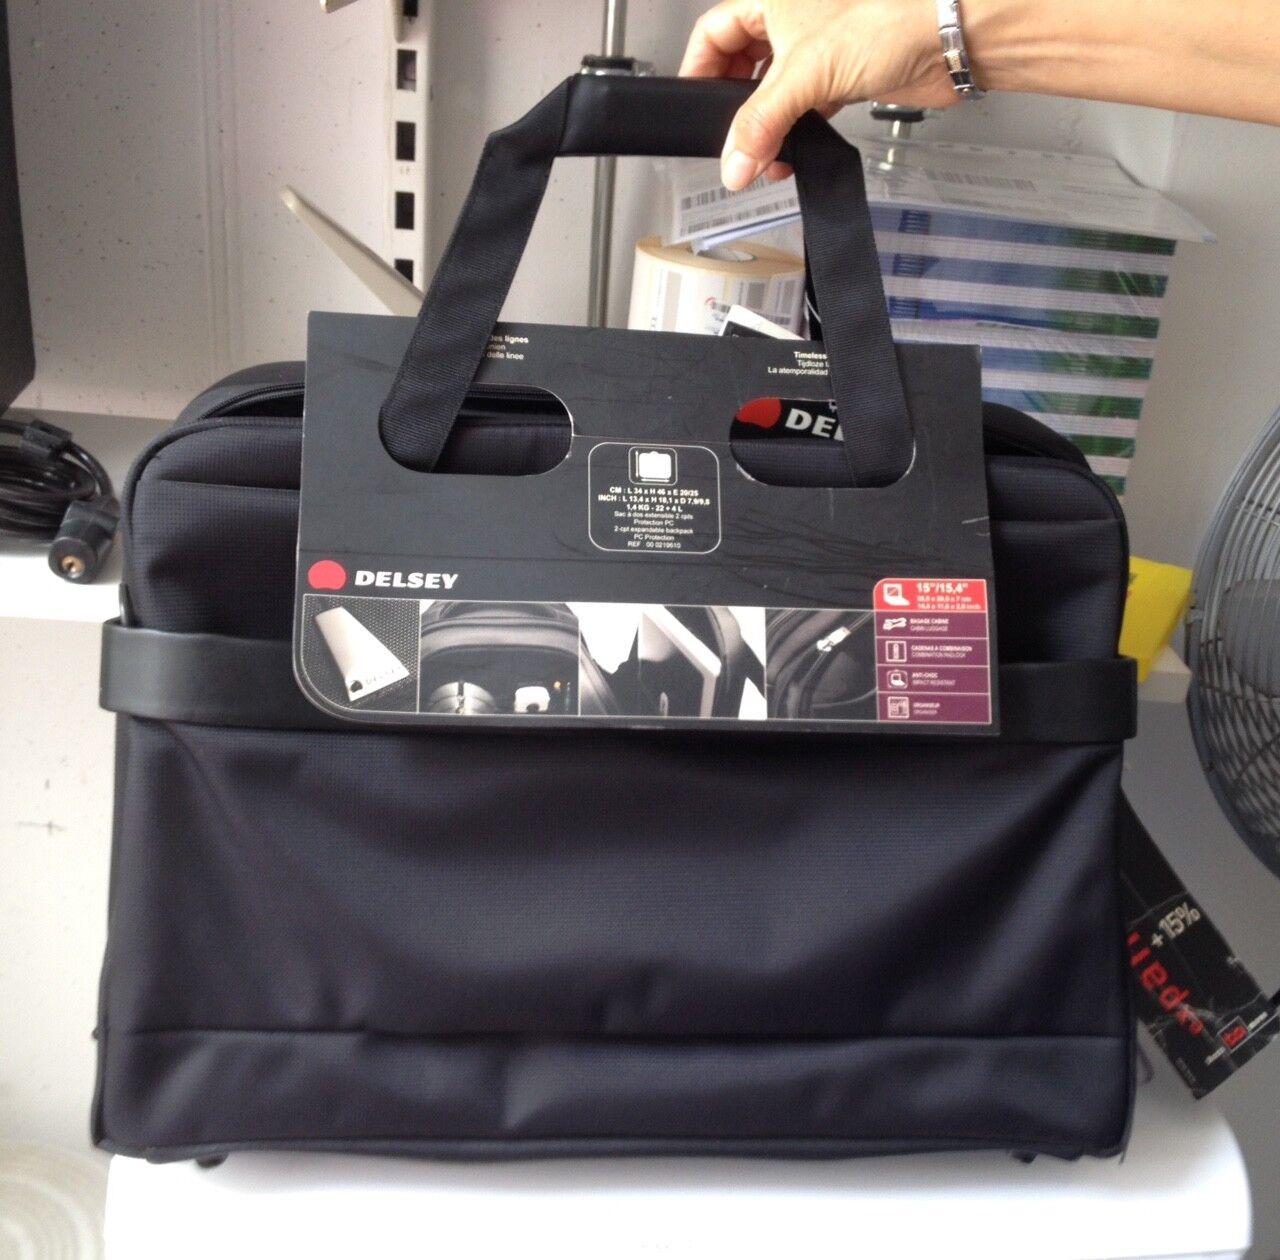 Aktentasche DELSEY VISIORIS Laptop-Tasche, umwandelbar, 18346 18346 18346 NO 2R   Ausgezeichnet (in) Qualität  3e954d